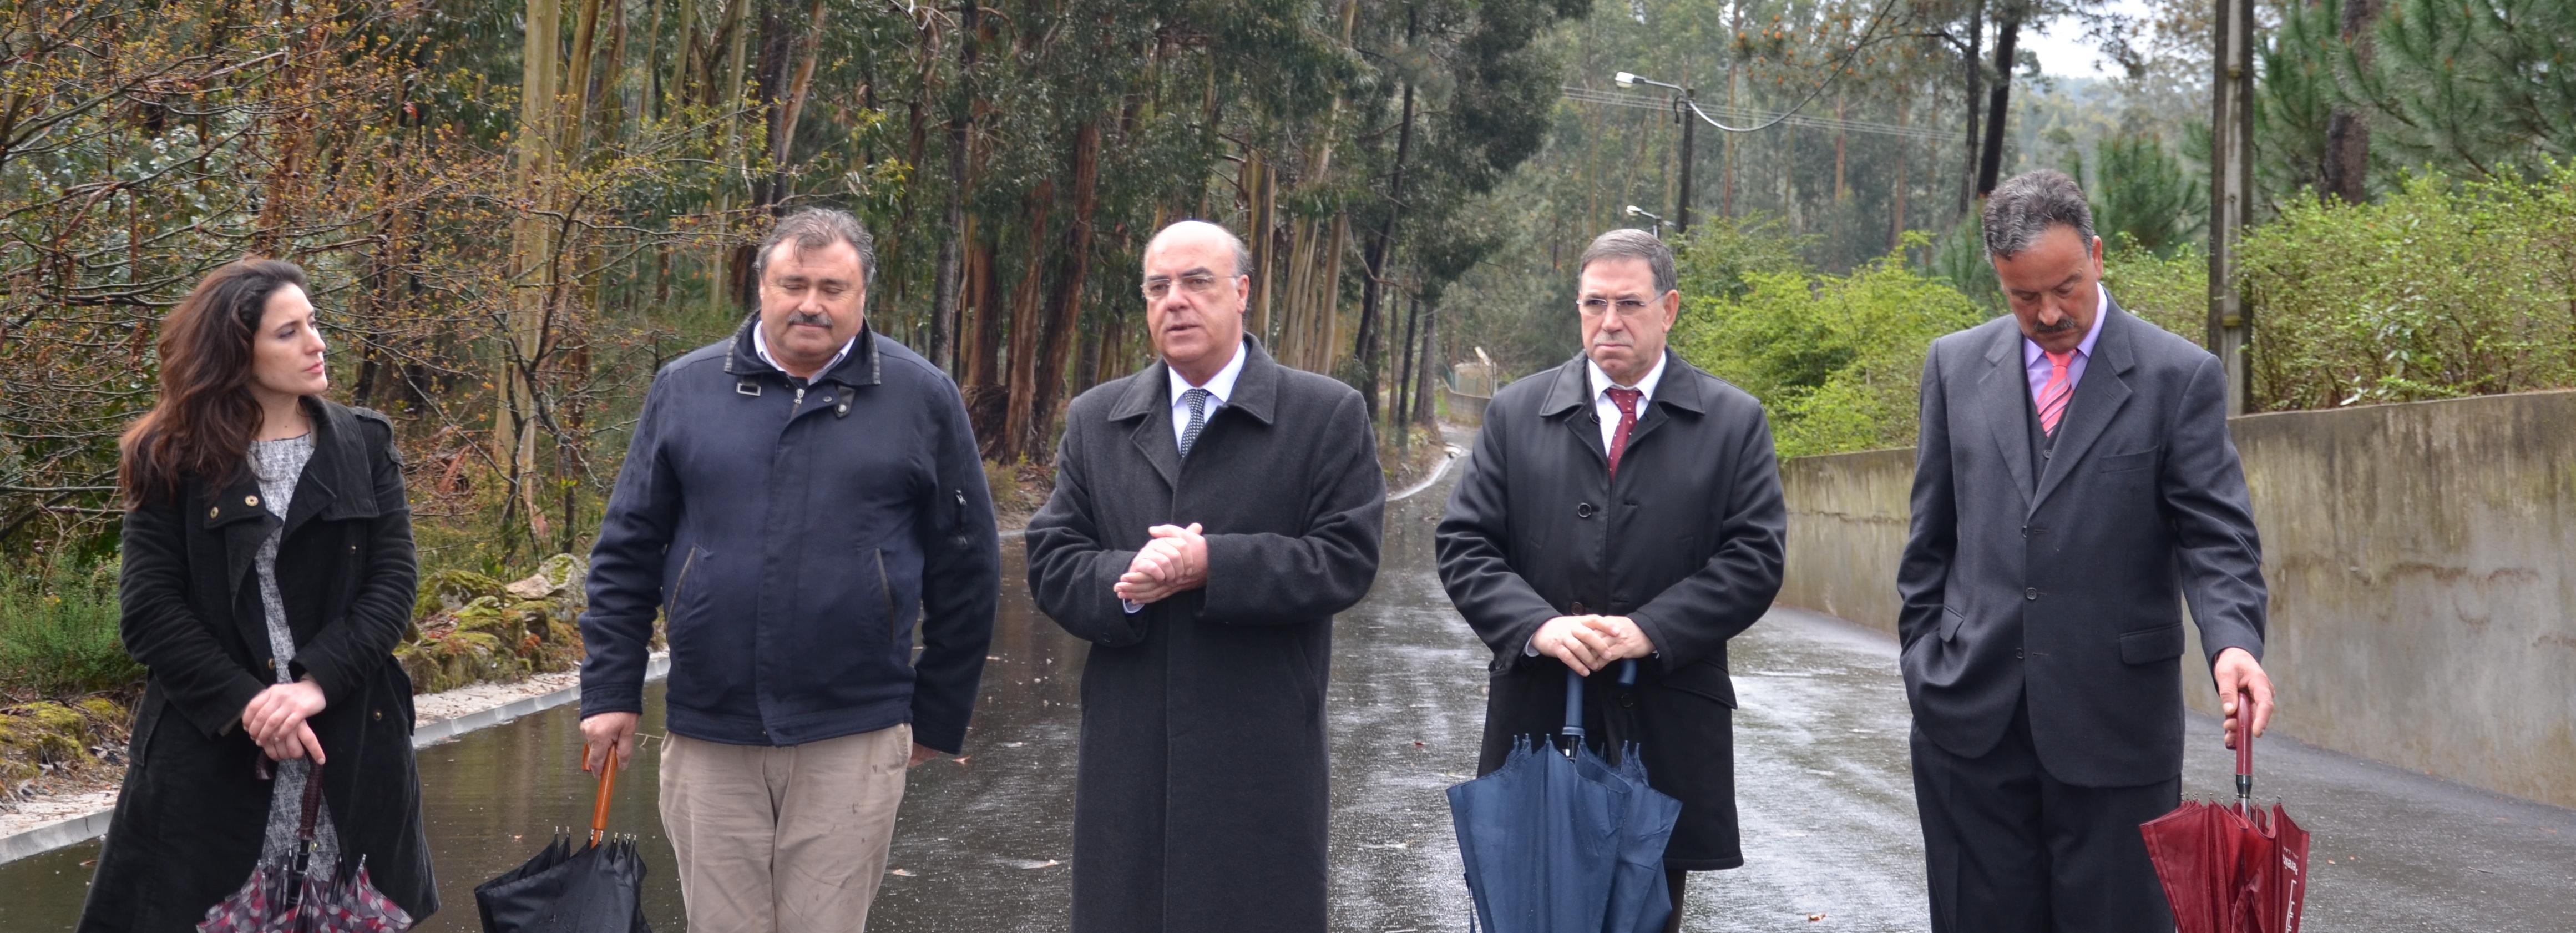 Presidente da Câmara Municipal de Barcelos visitou obras nas freguesias de Durrães e Tregosa